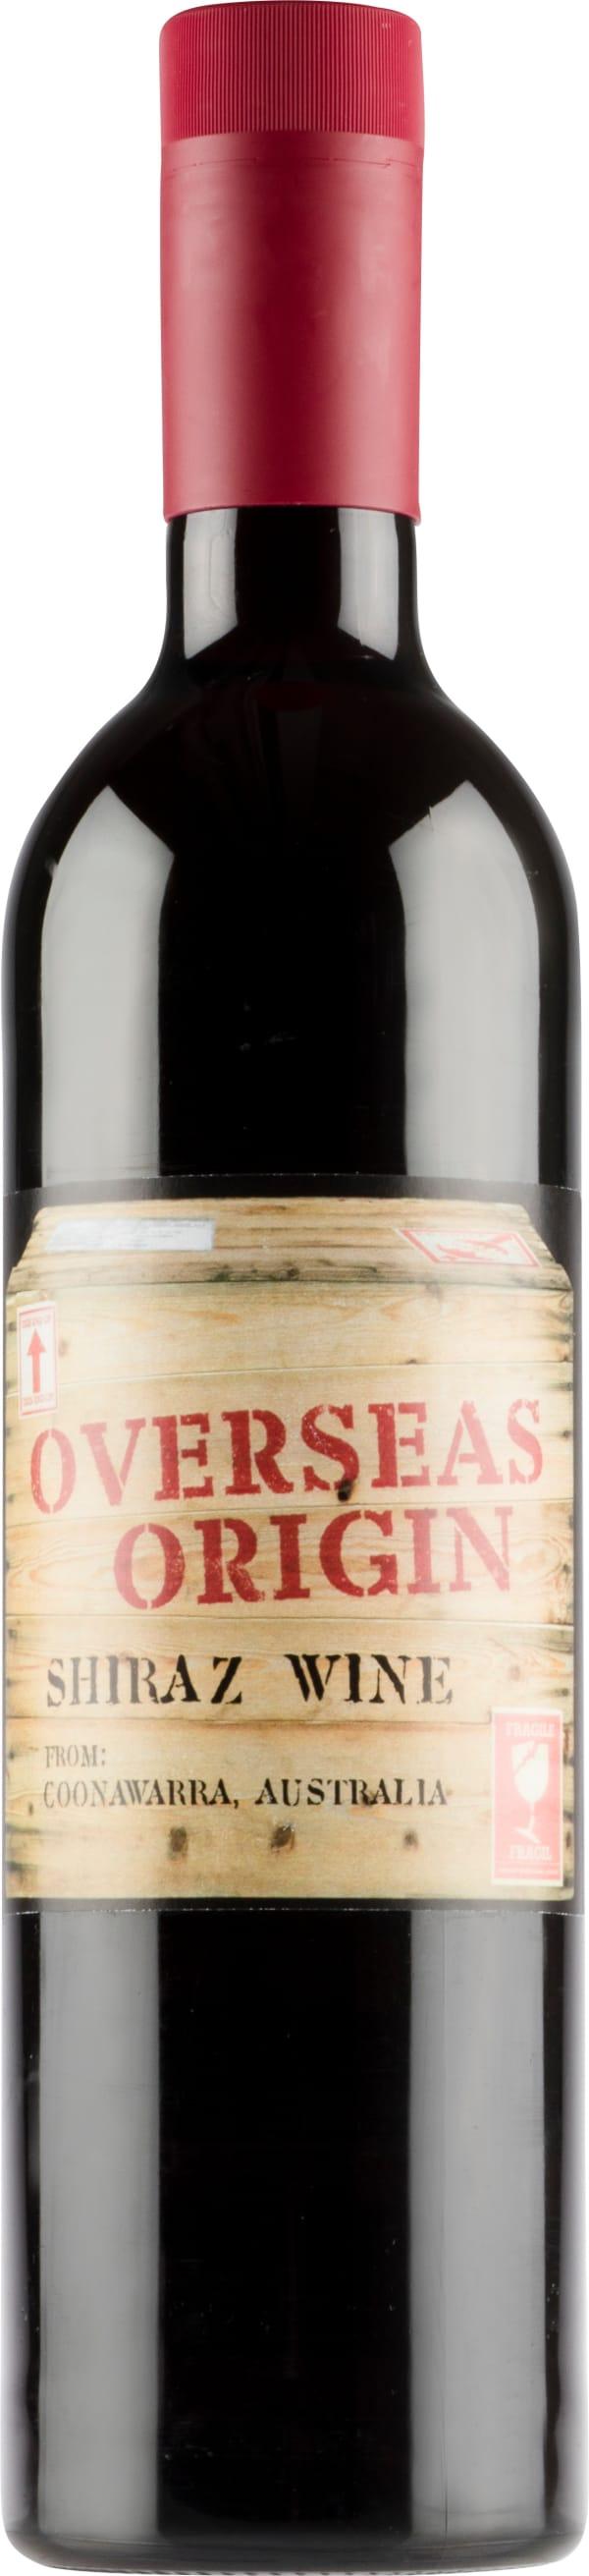 Overseas Origin Shiraz 2018